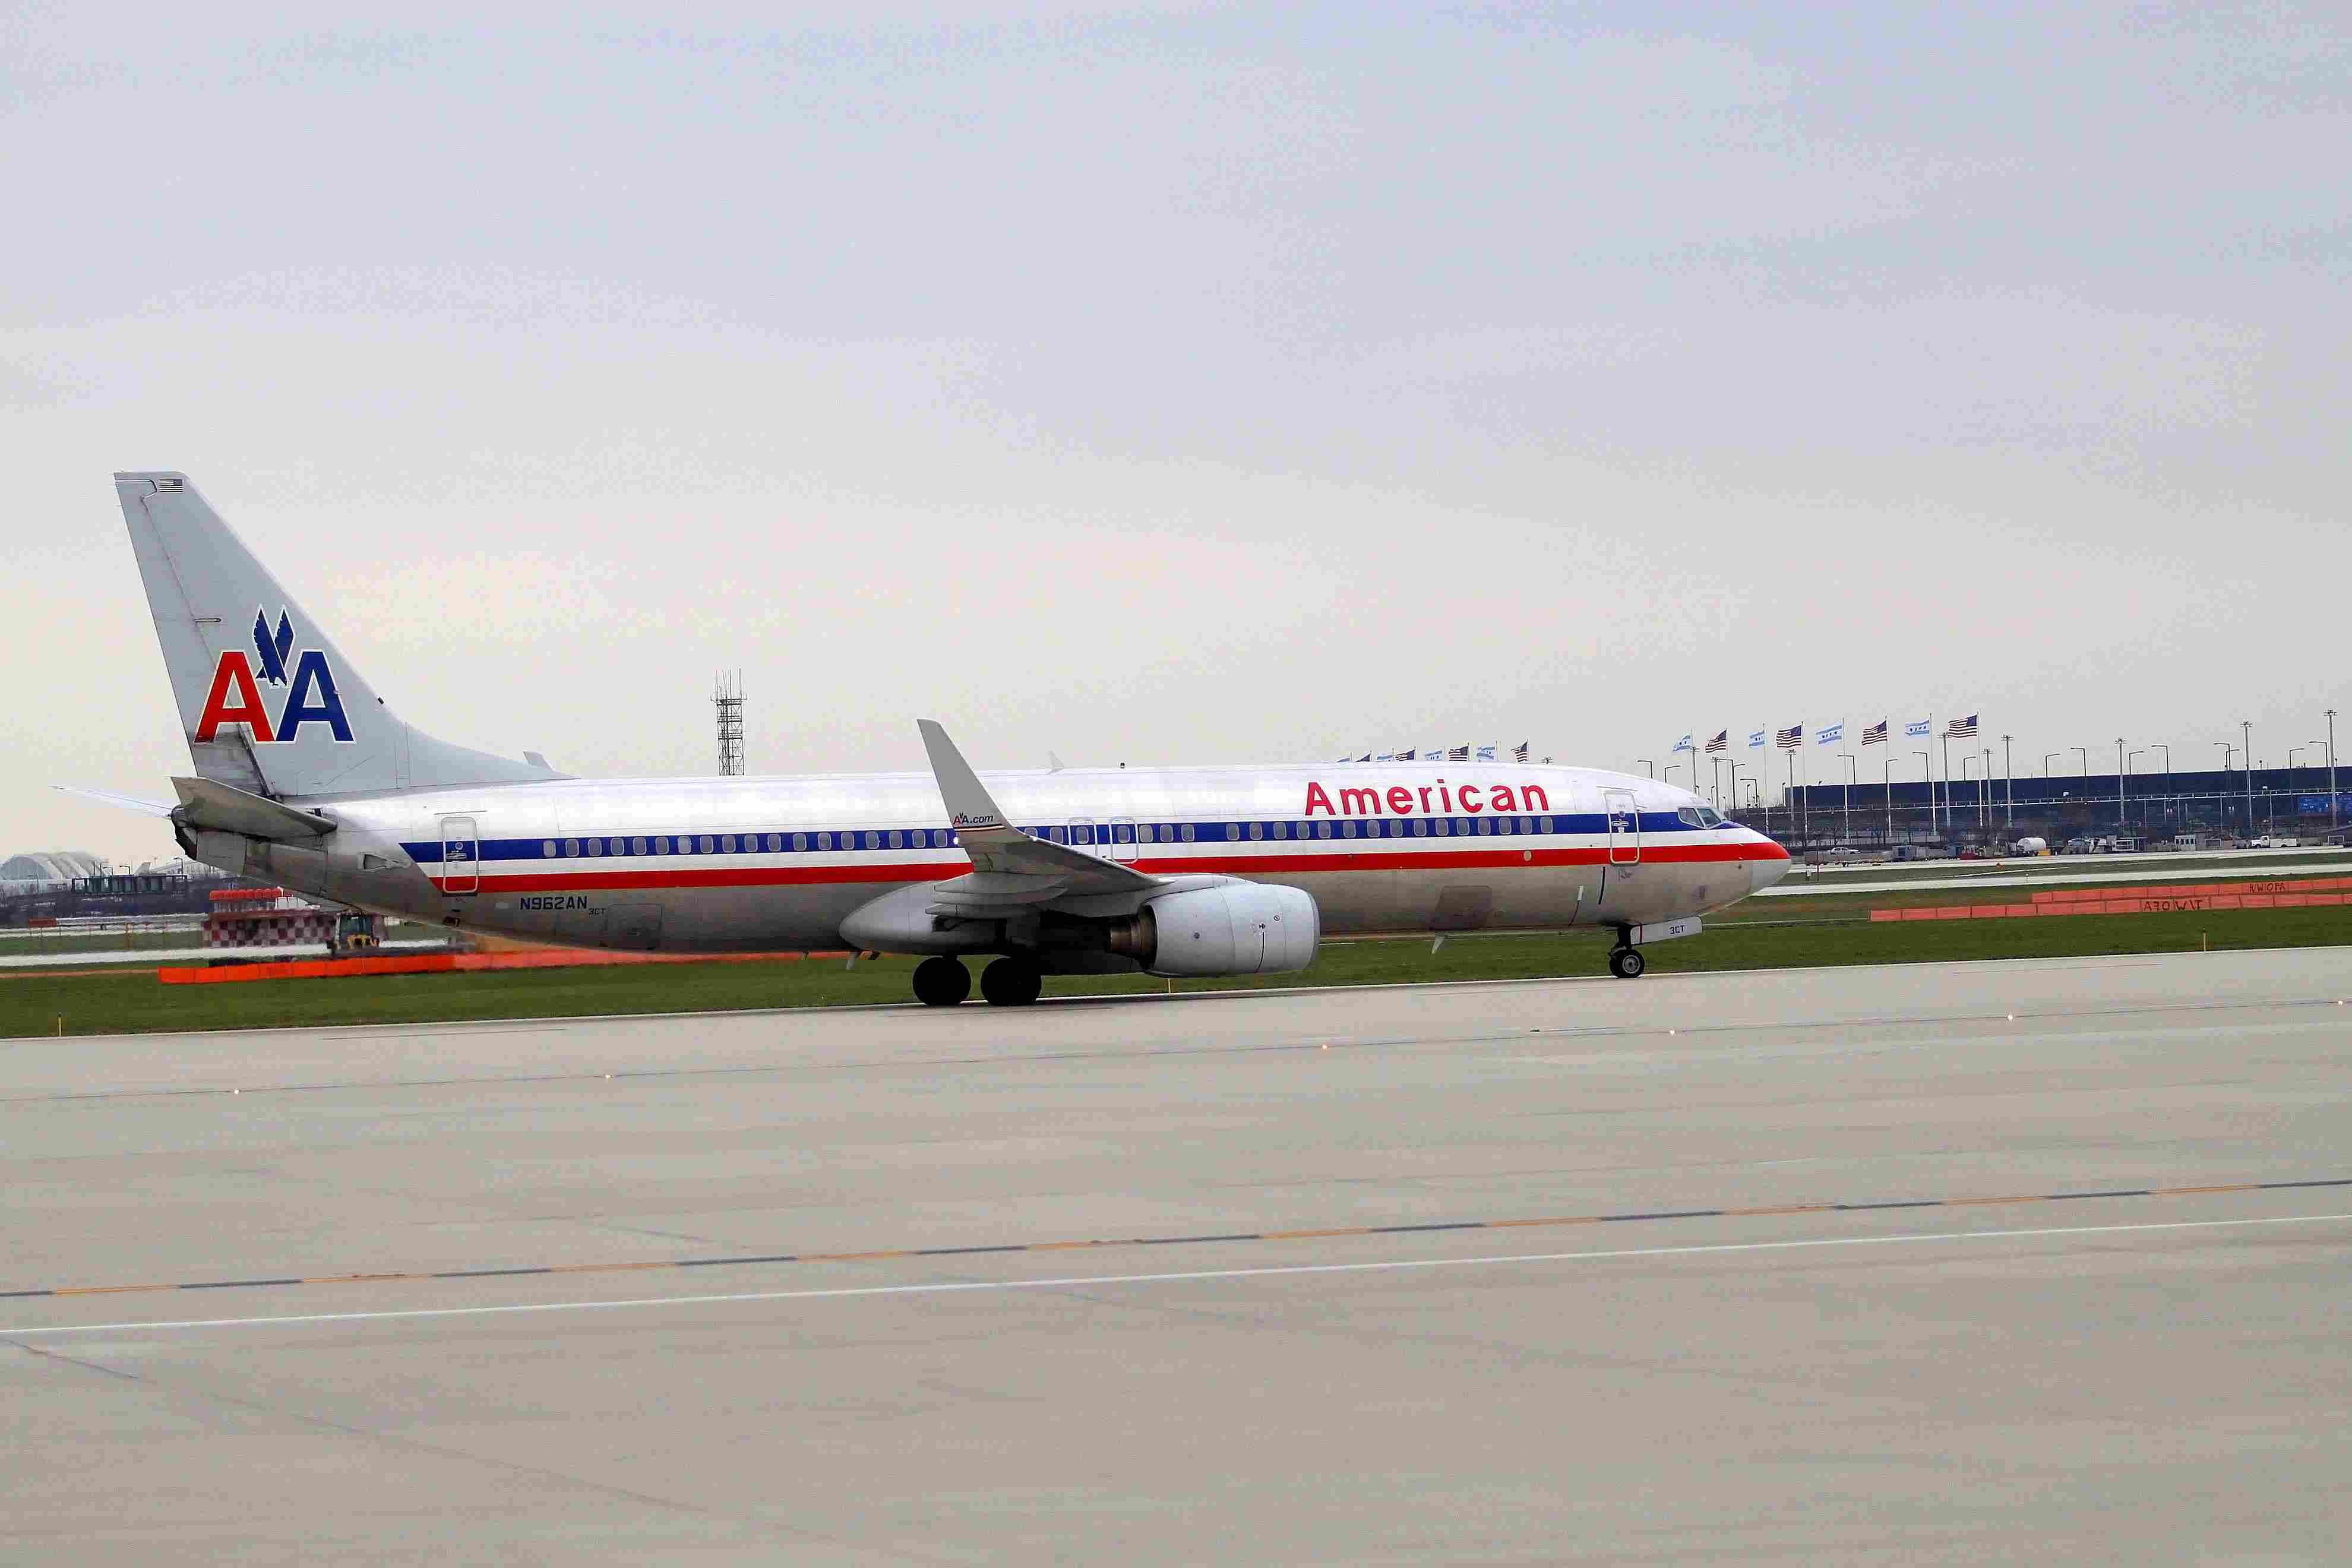 Avión de American Airlines colocándose en pista.